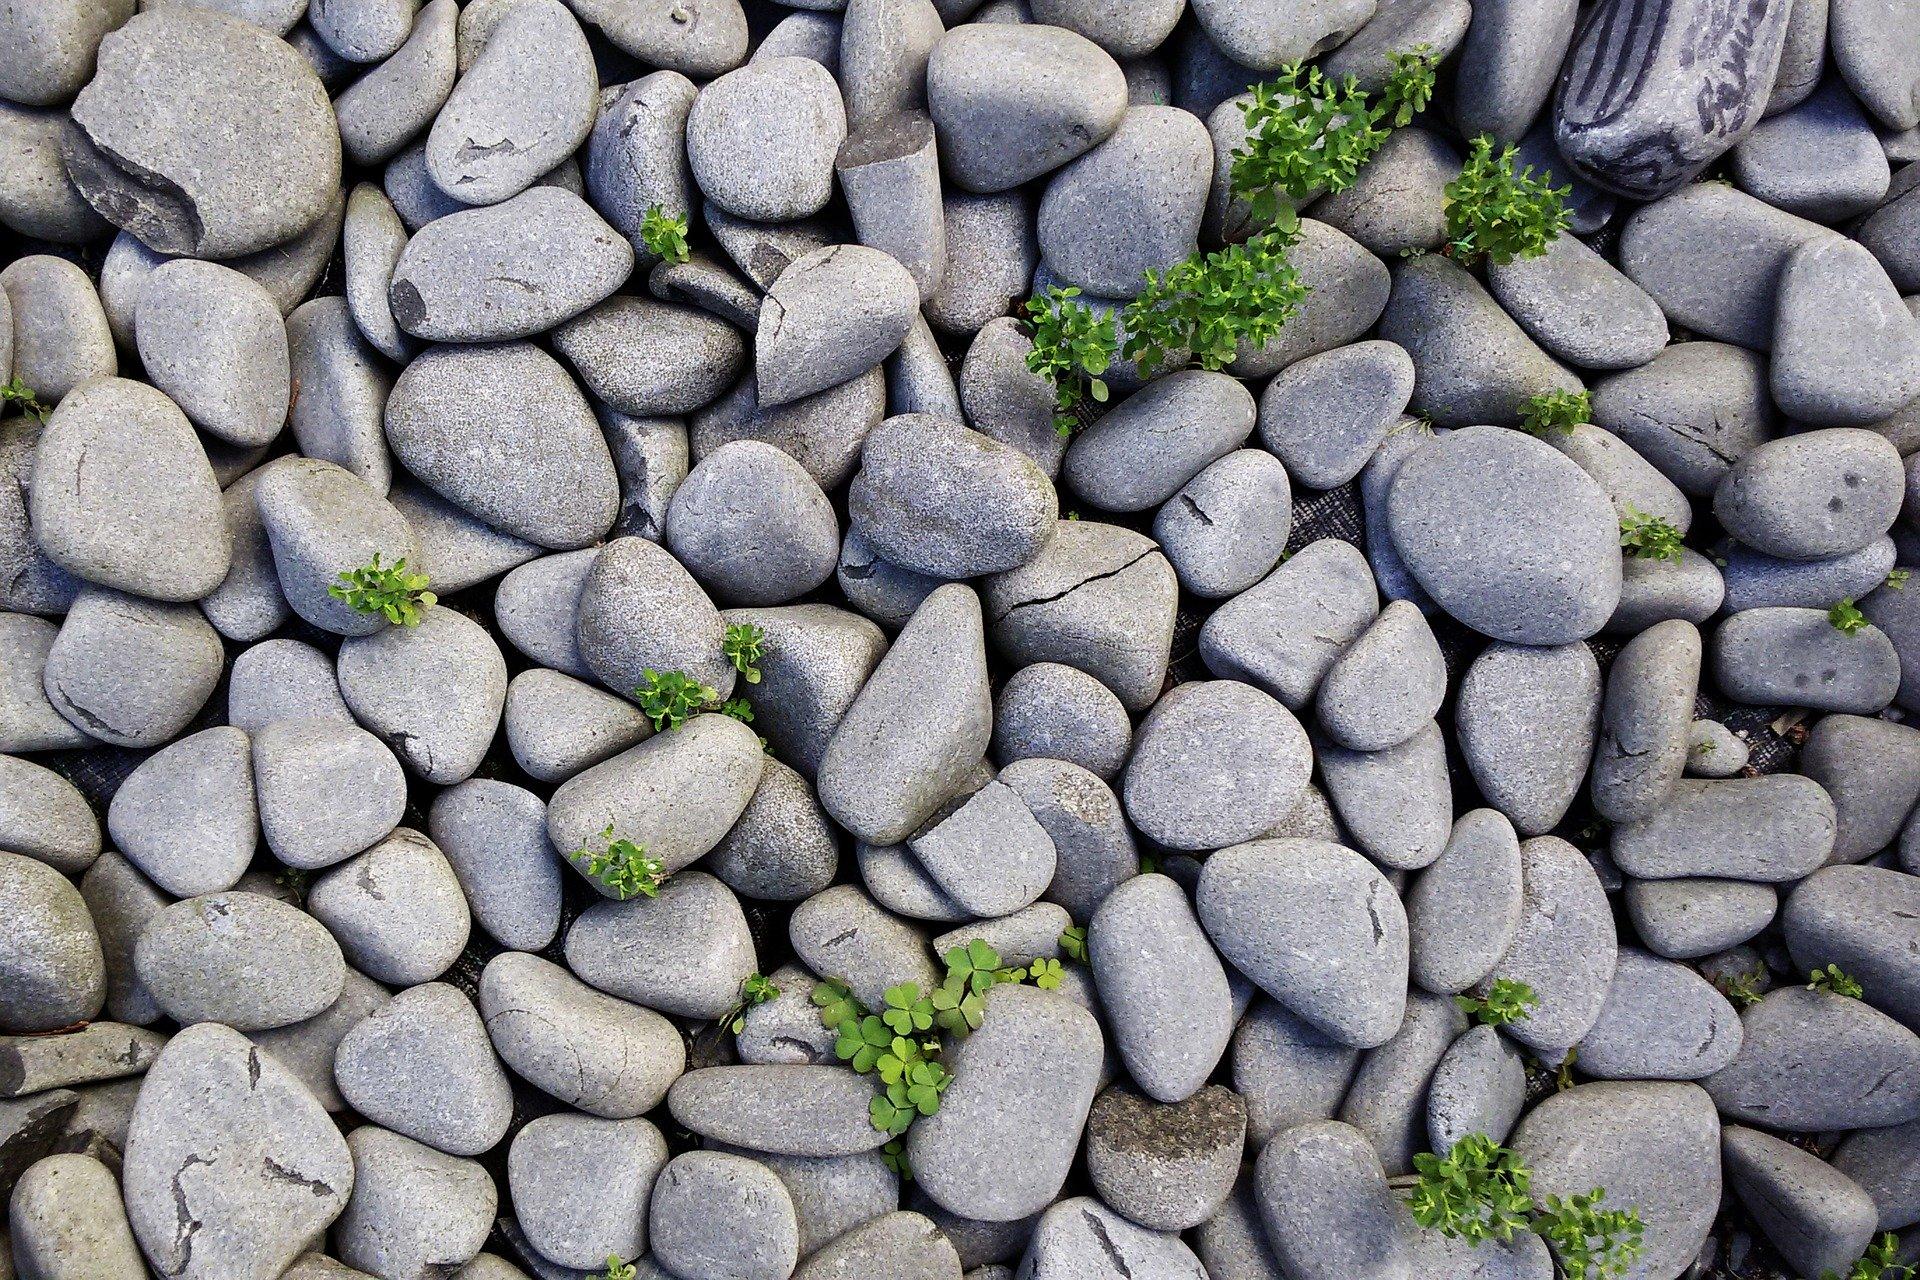 rocks-1246668_1920